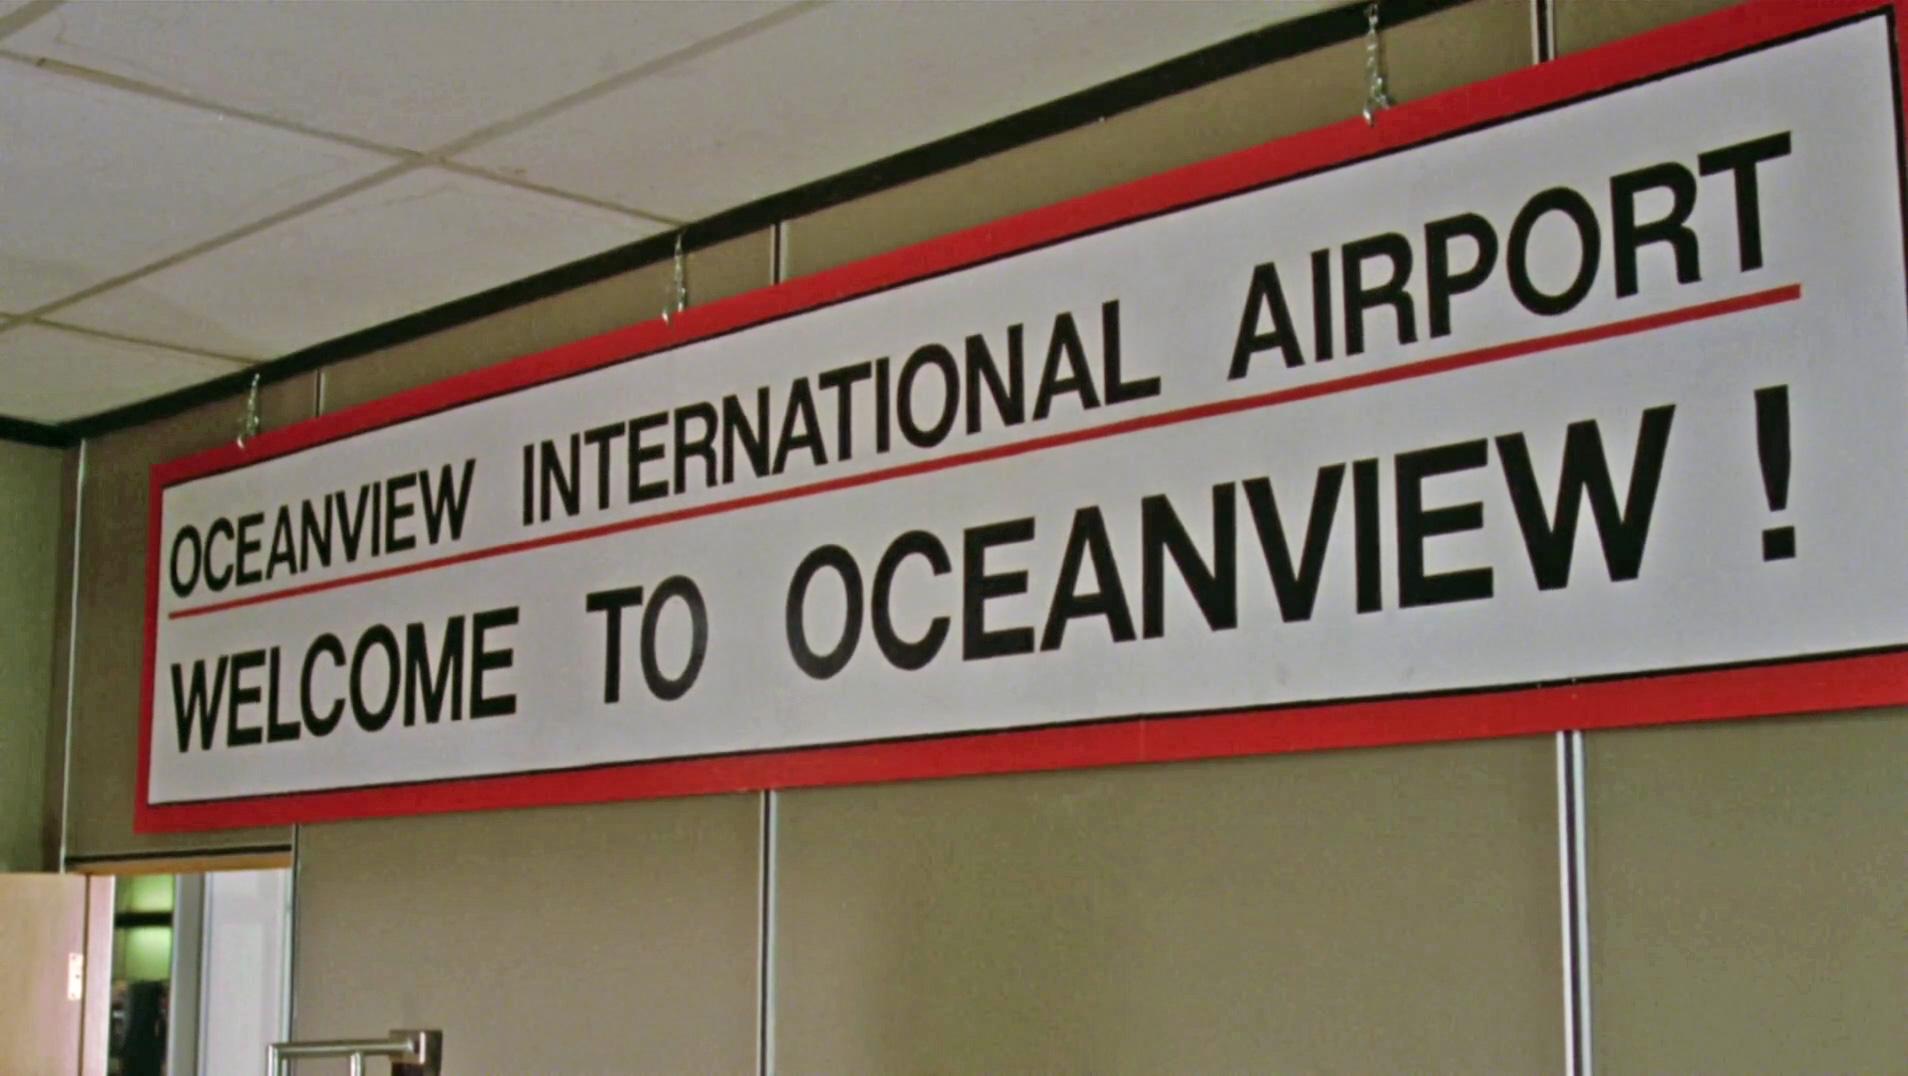 File:Oceanview.jpg